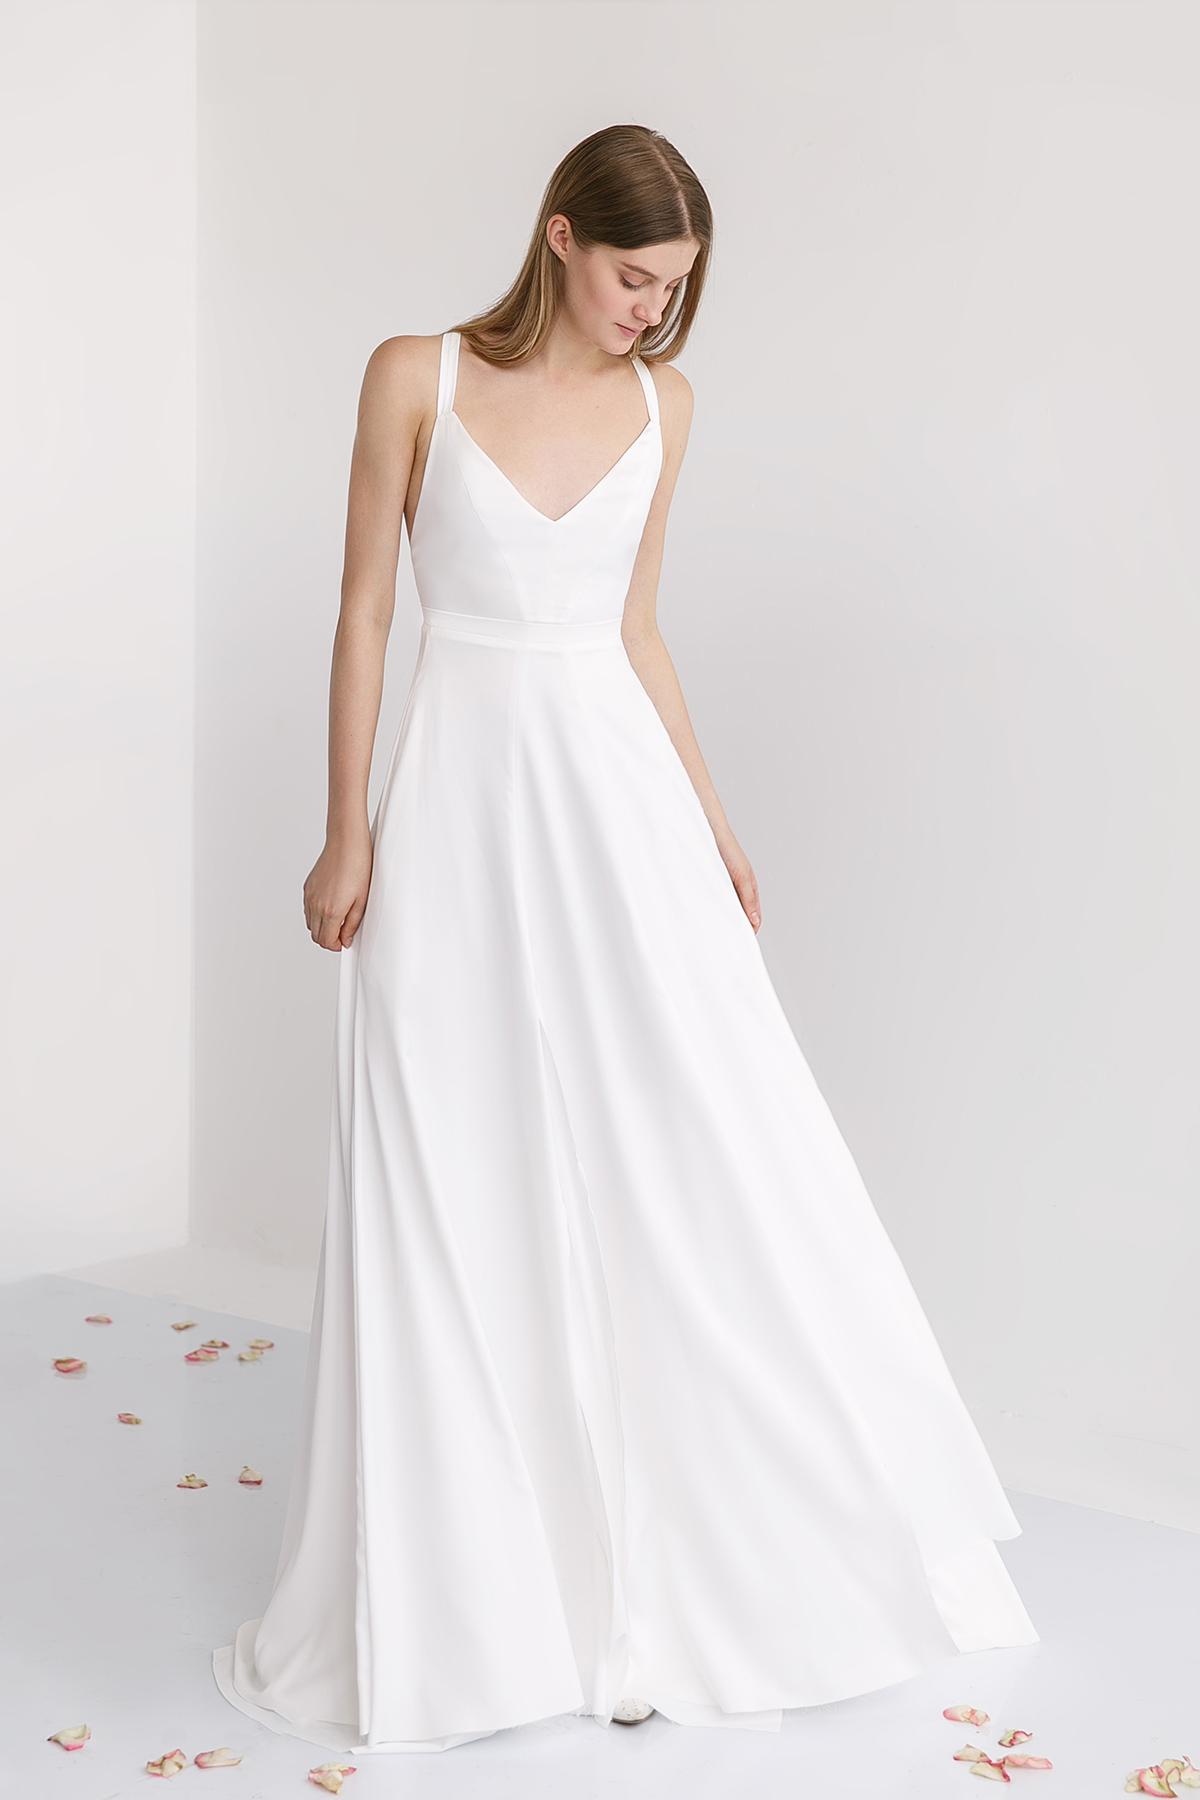 Свадебное платье в молочном цвете Вайлет